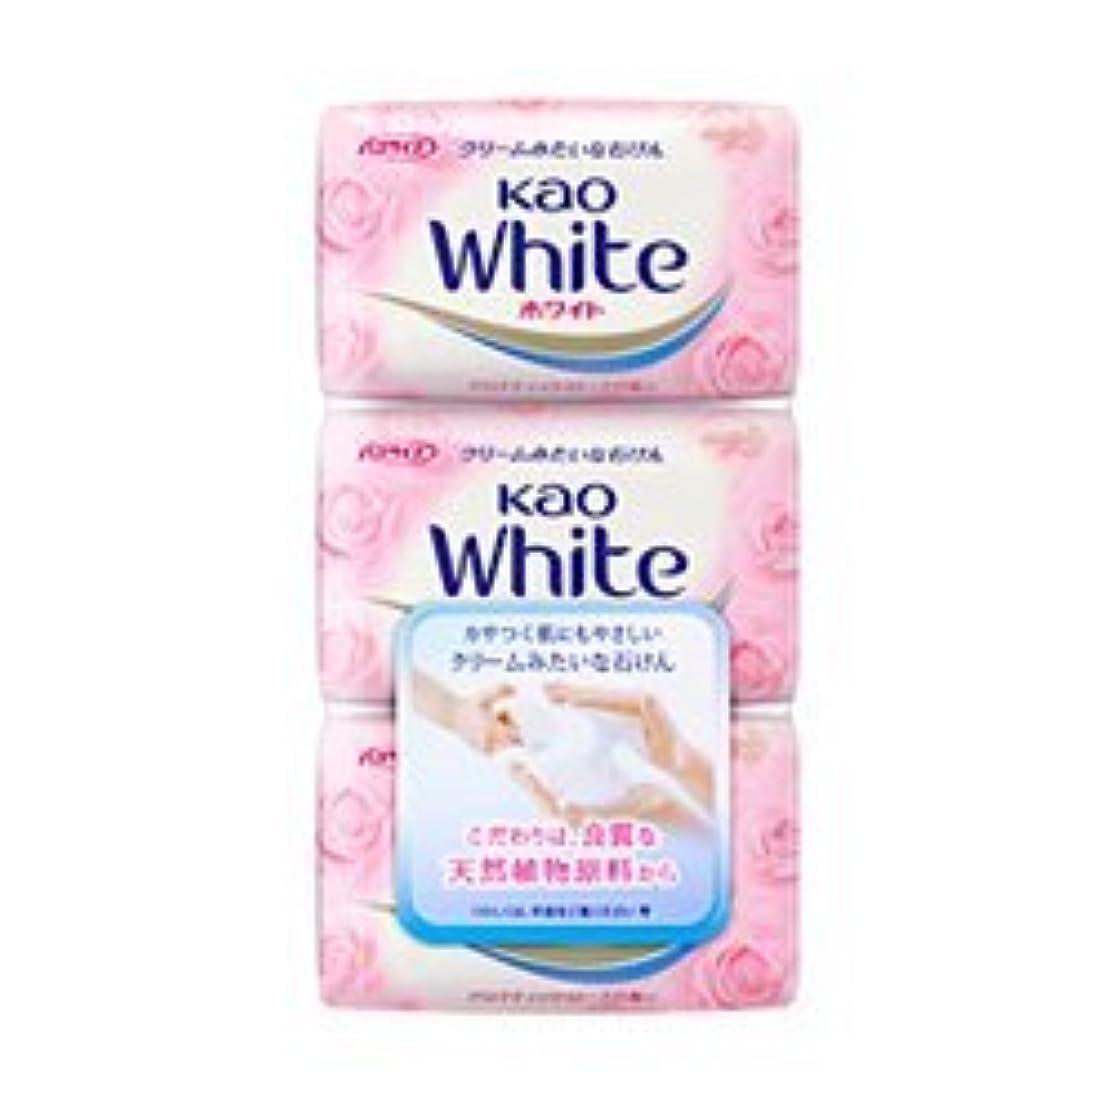 落ち着くバイオリニスト消毒する【花王】花王ホワイト アロマティックローズの香り バスサイズ (130g×3個) ×5個セット